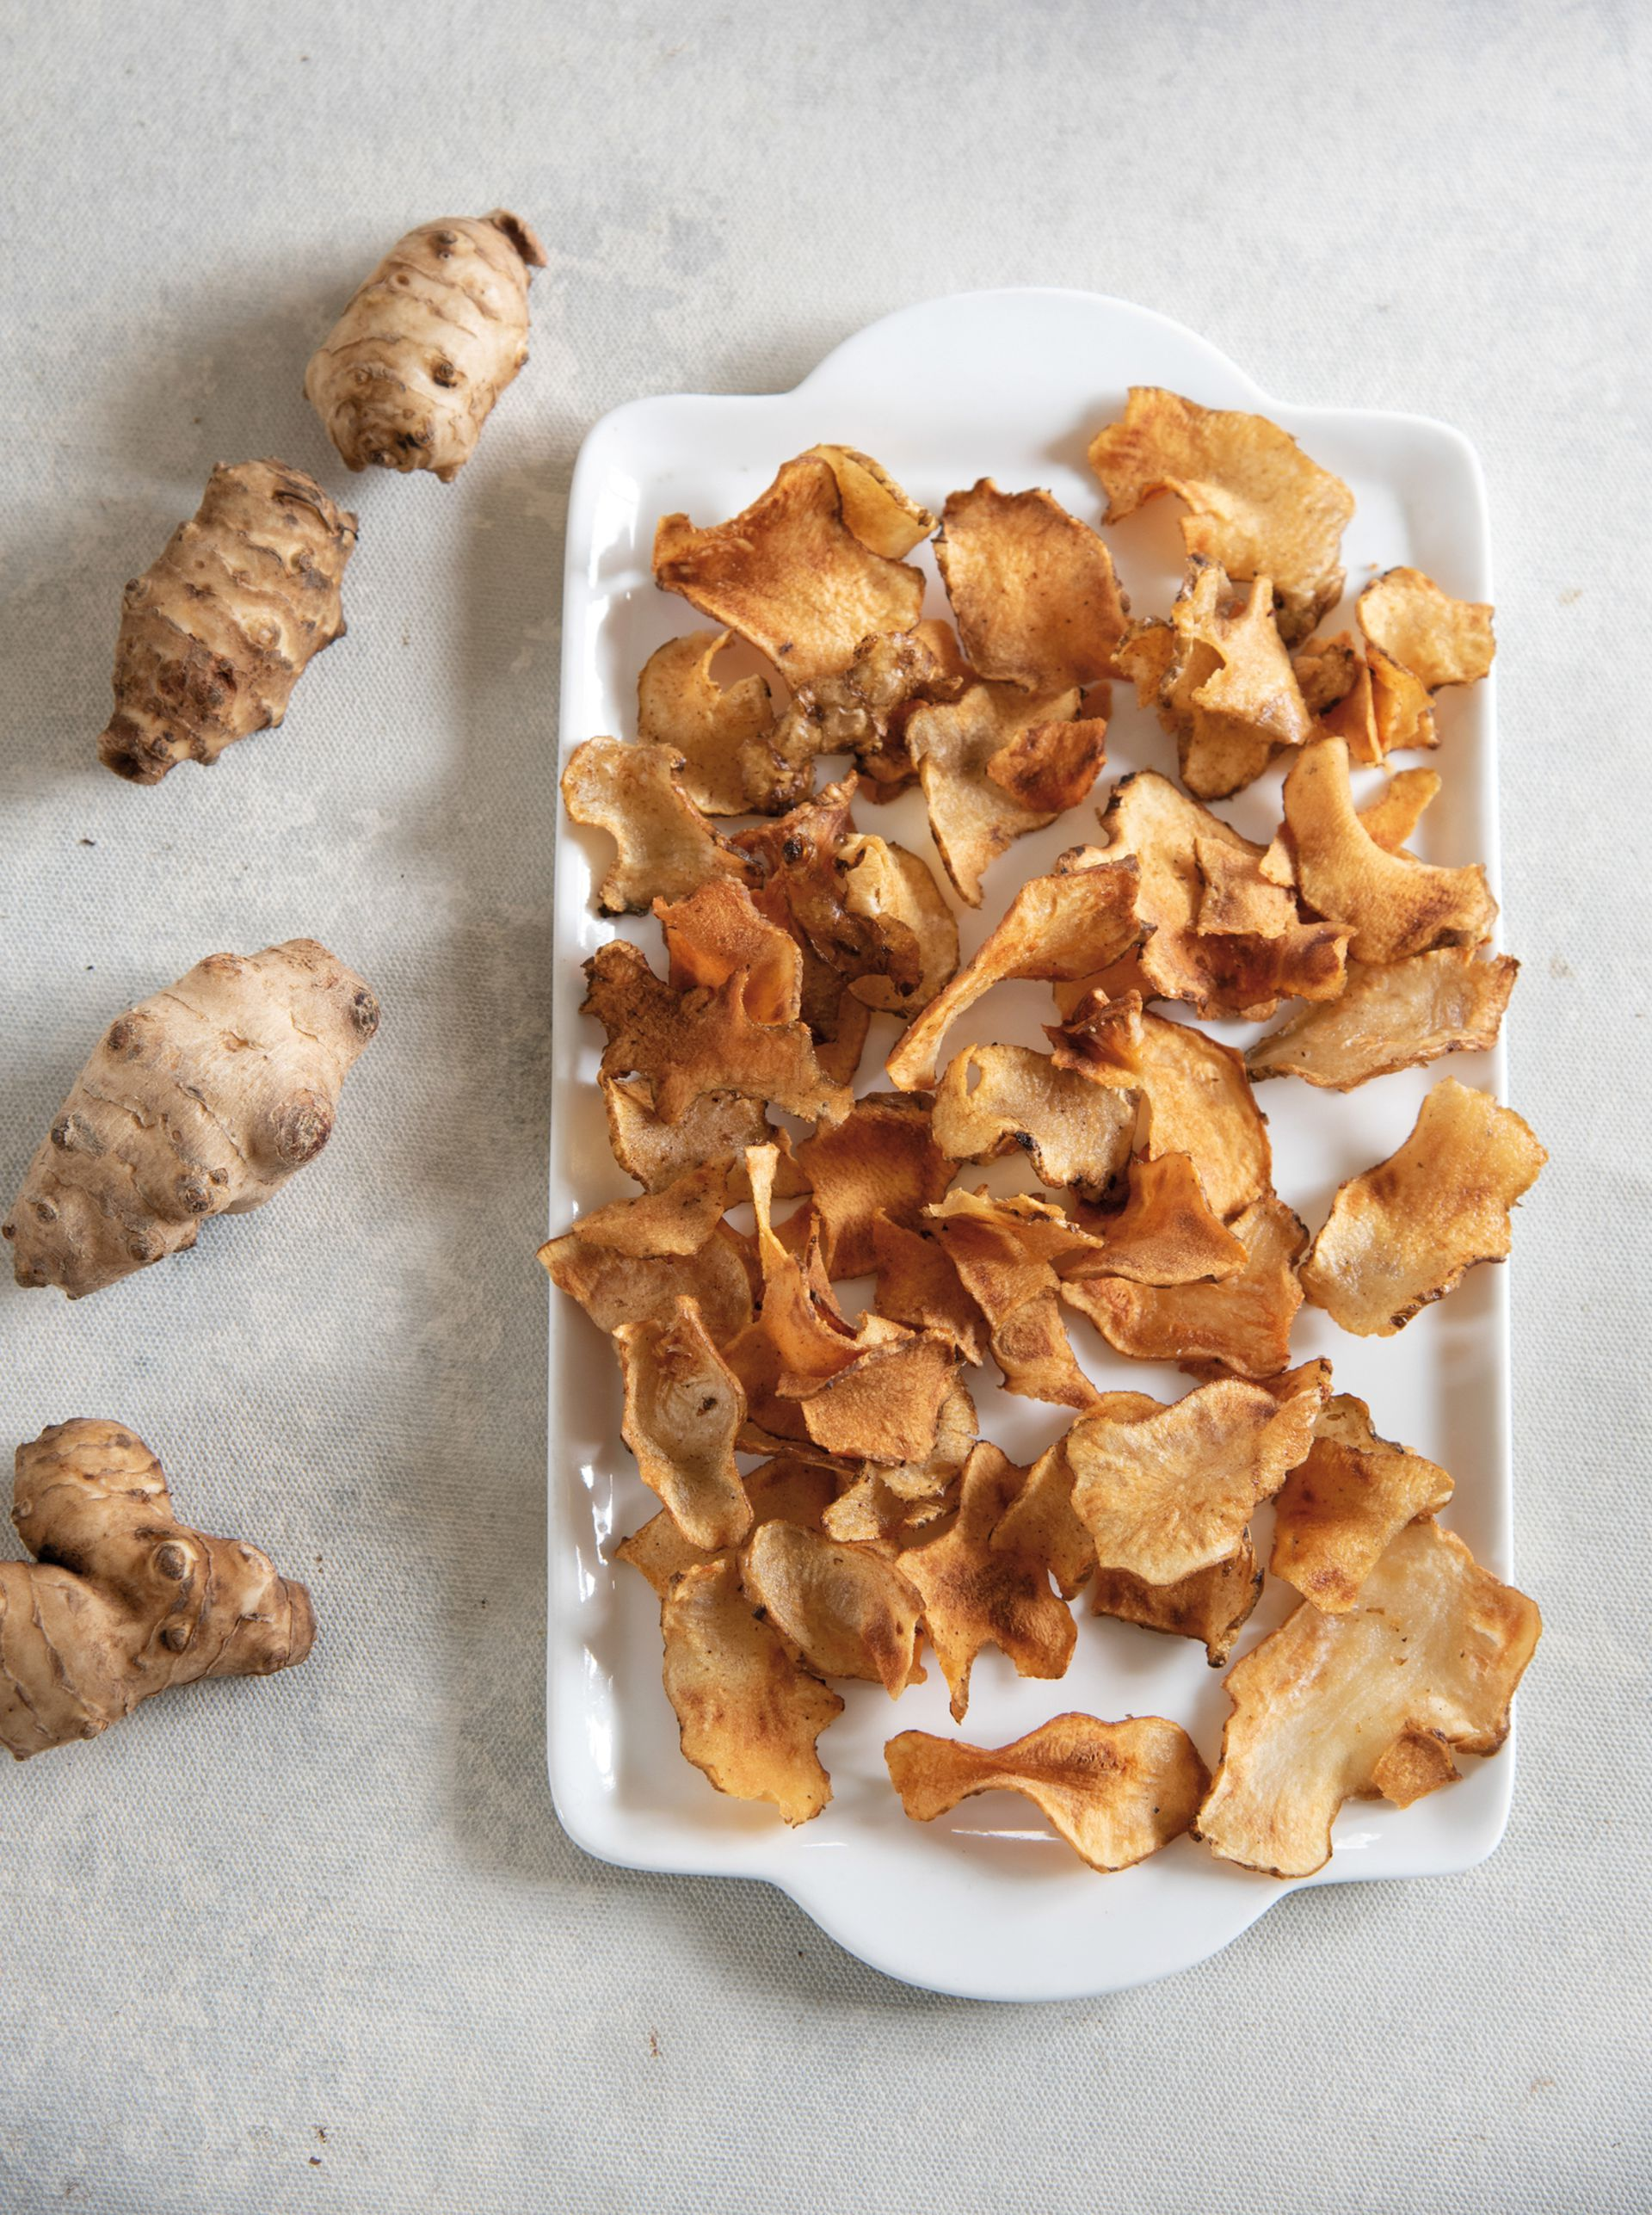 Como snacks o para acompañar picadas, los chips de topinambur son una opción sana a cualquier hora.